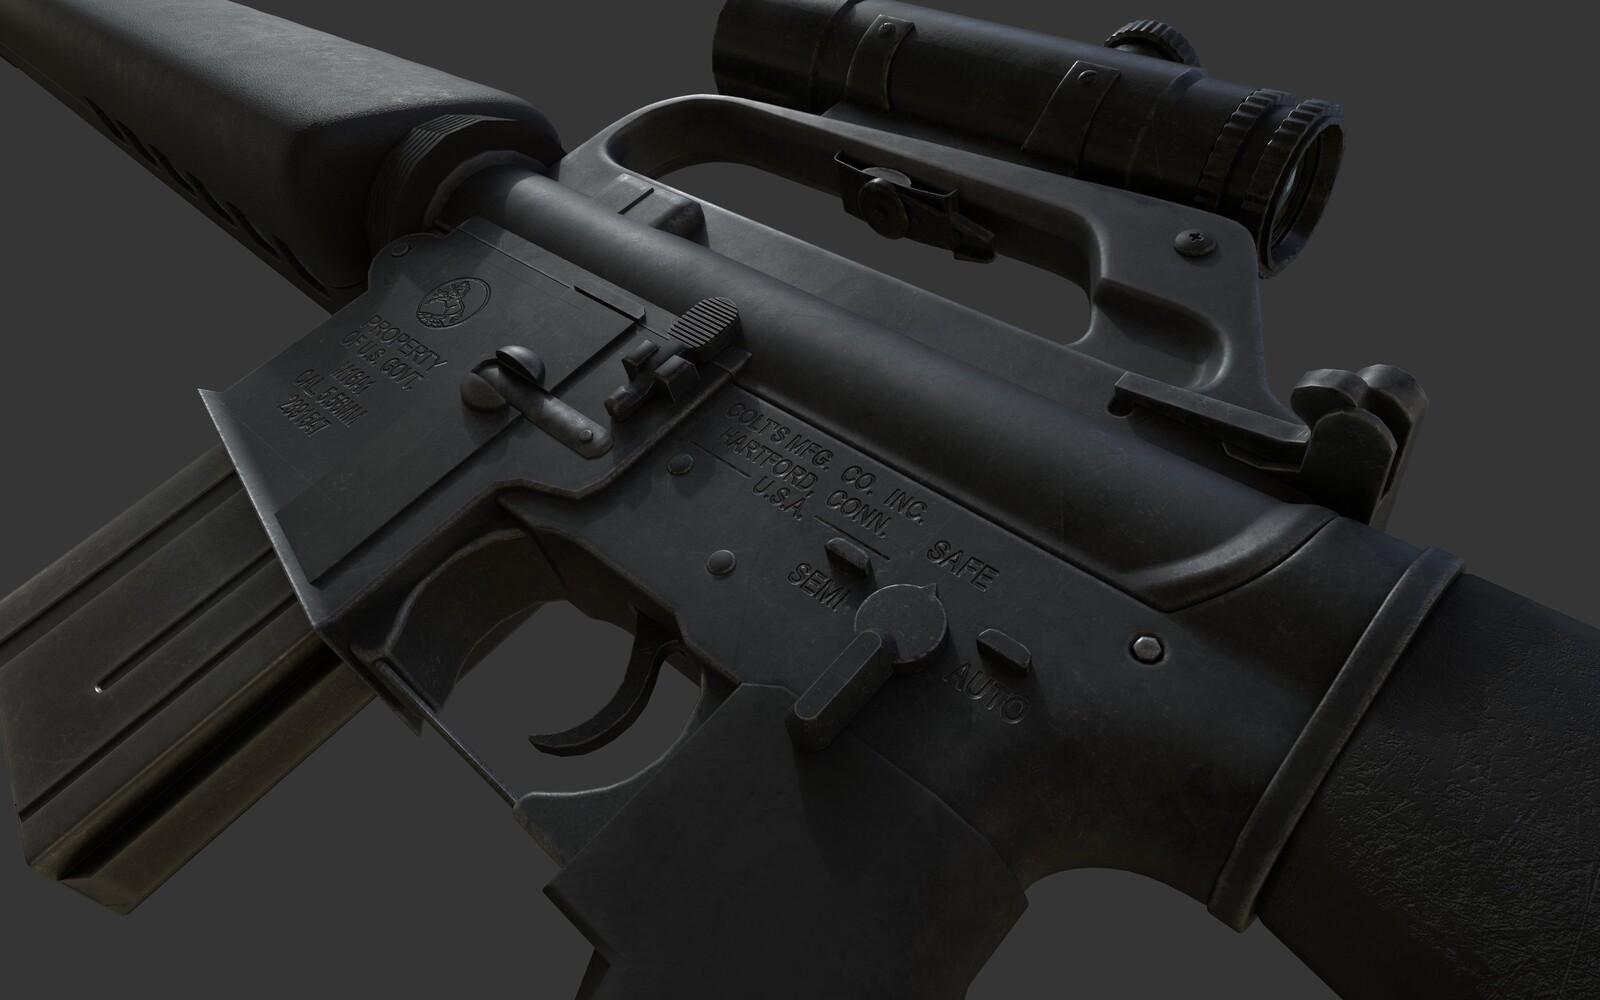 M16 texture work